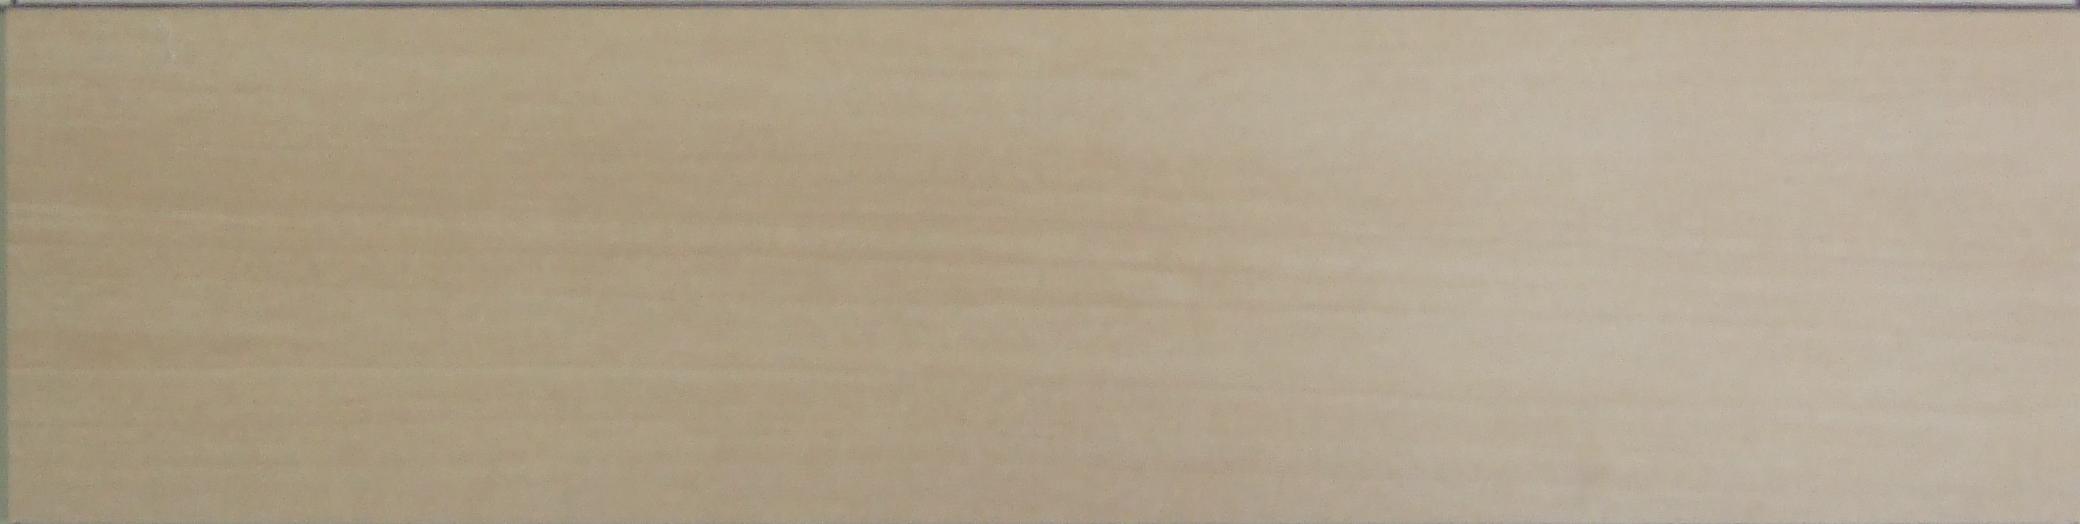 กระเบื้องลายไม้ 15x60 cm รุ่น VHB-06009B เกรด B